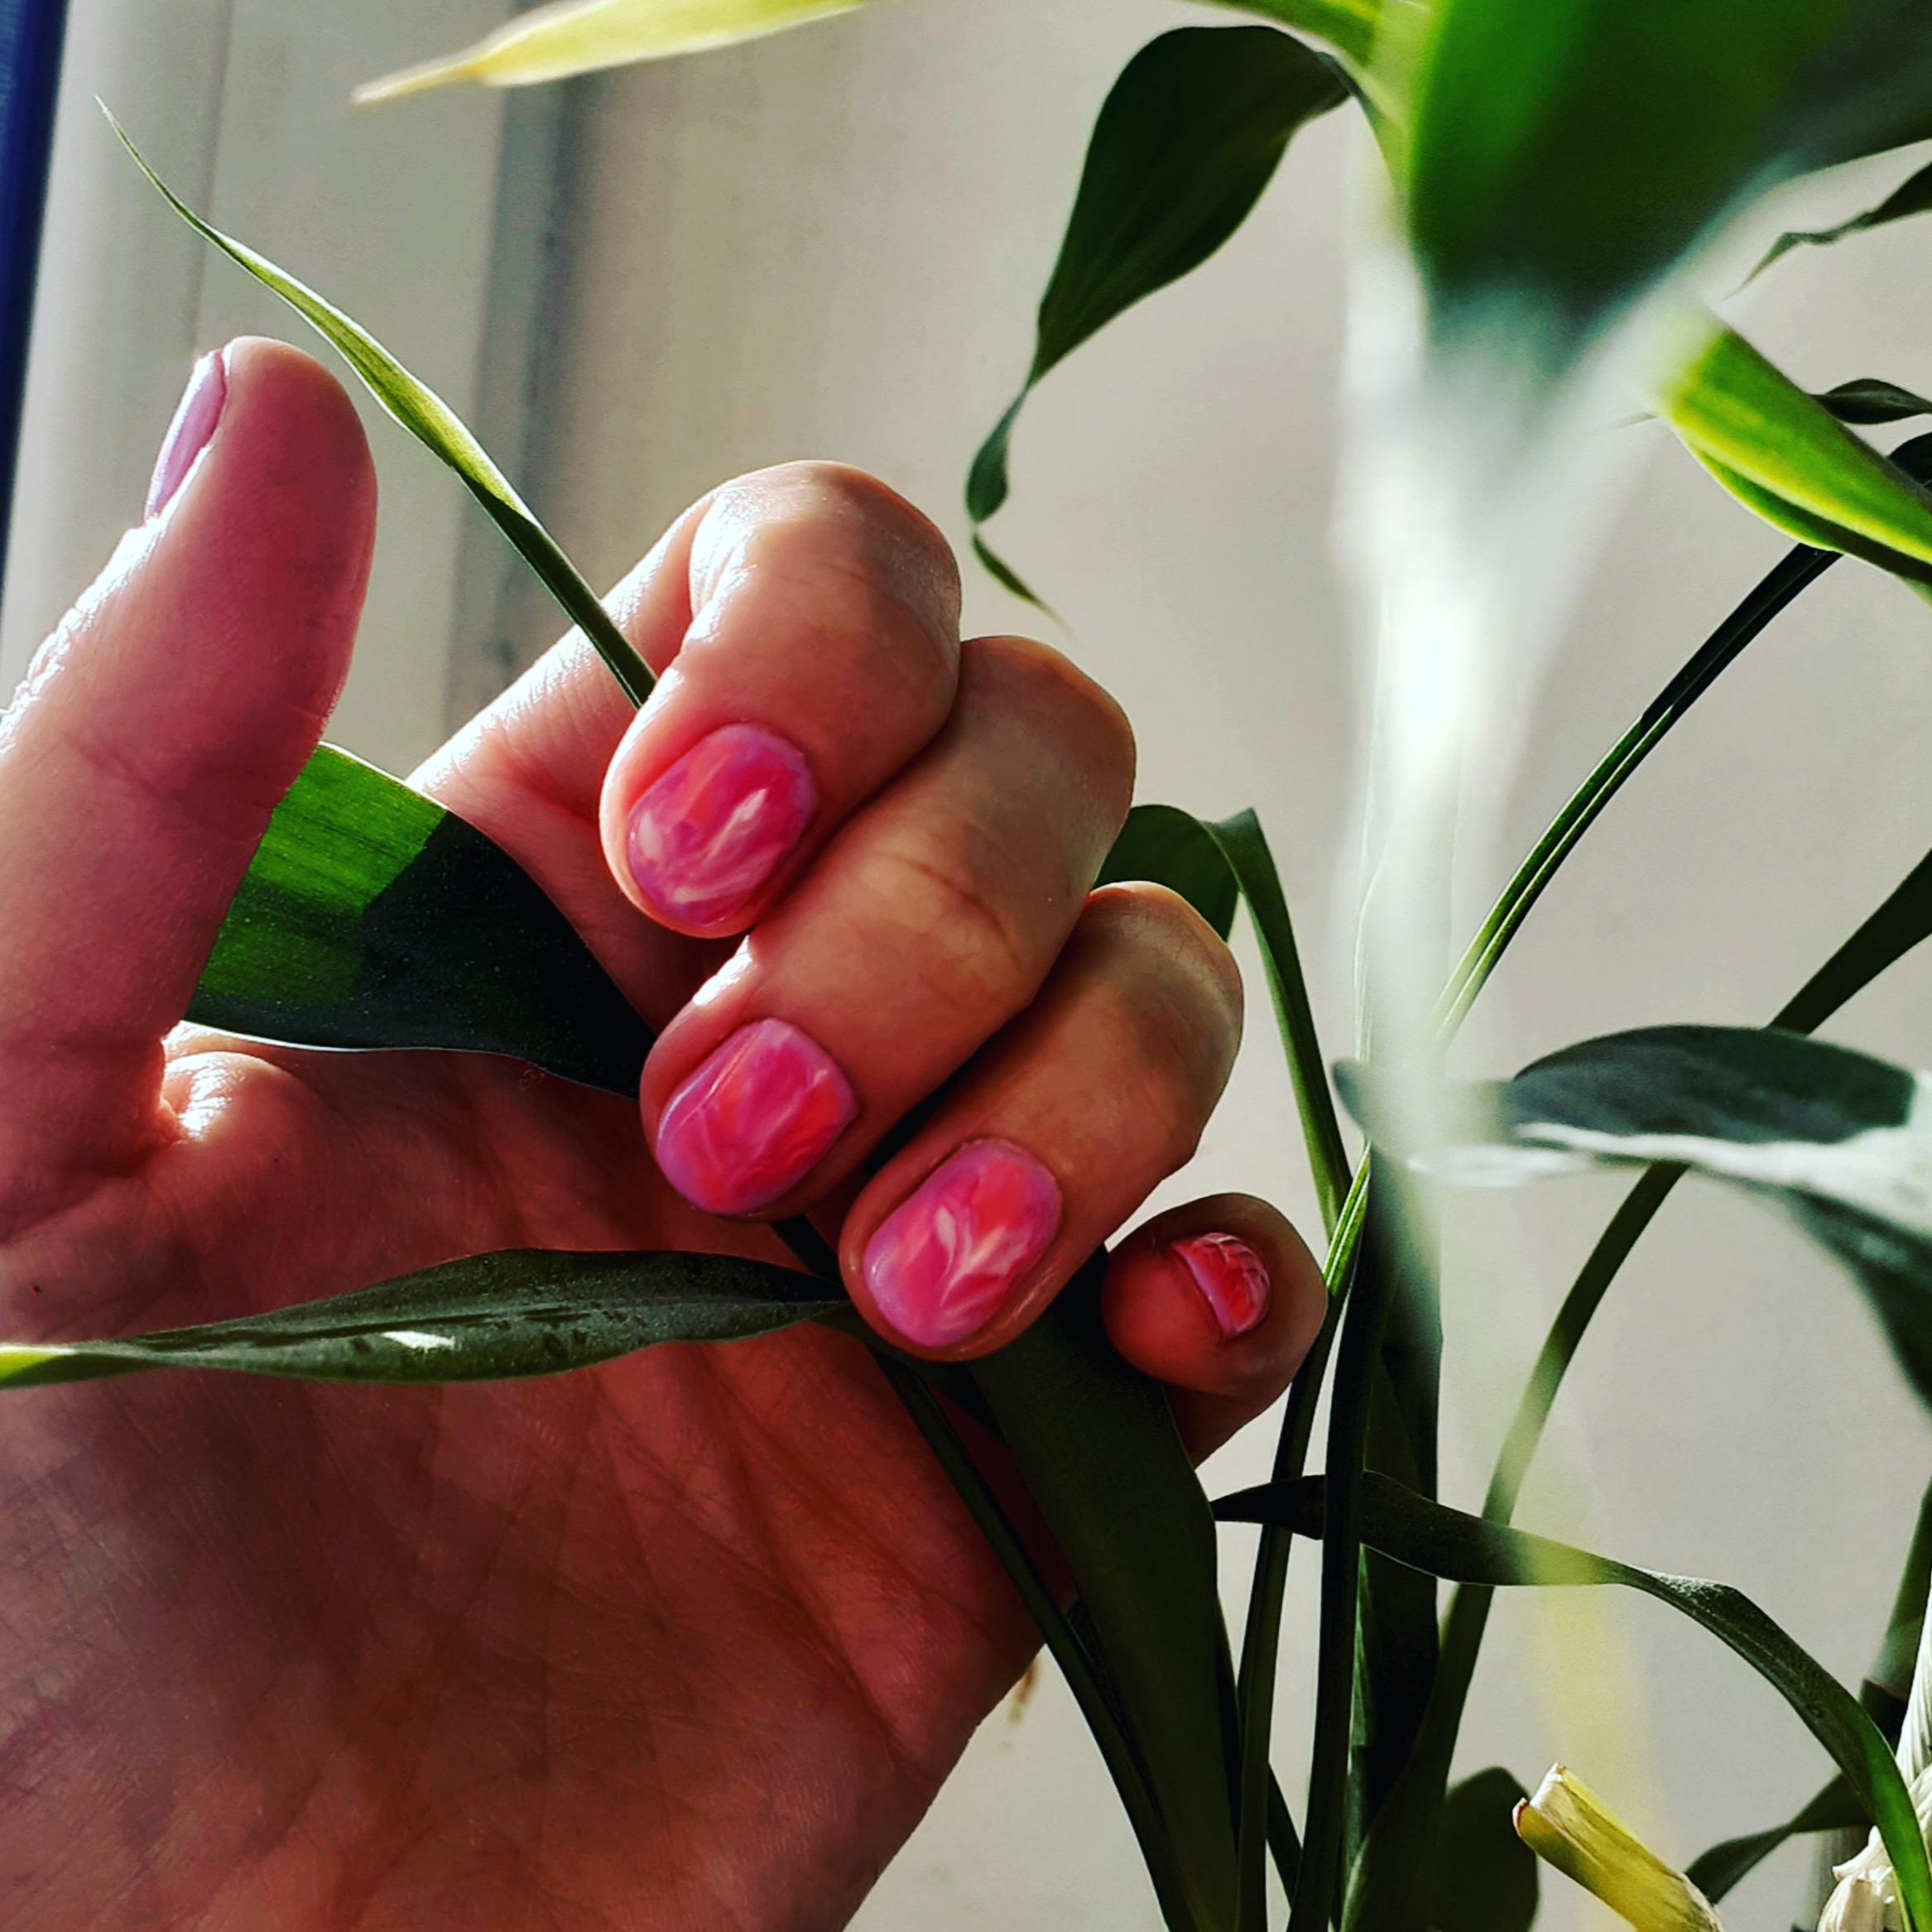 Маникюр акварельный дым,мрамор,в розово-сиреневым цвете